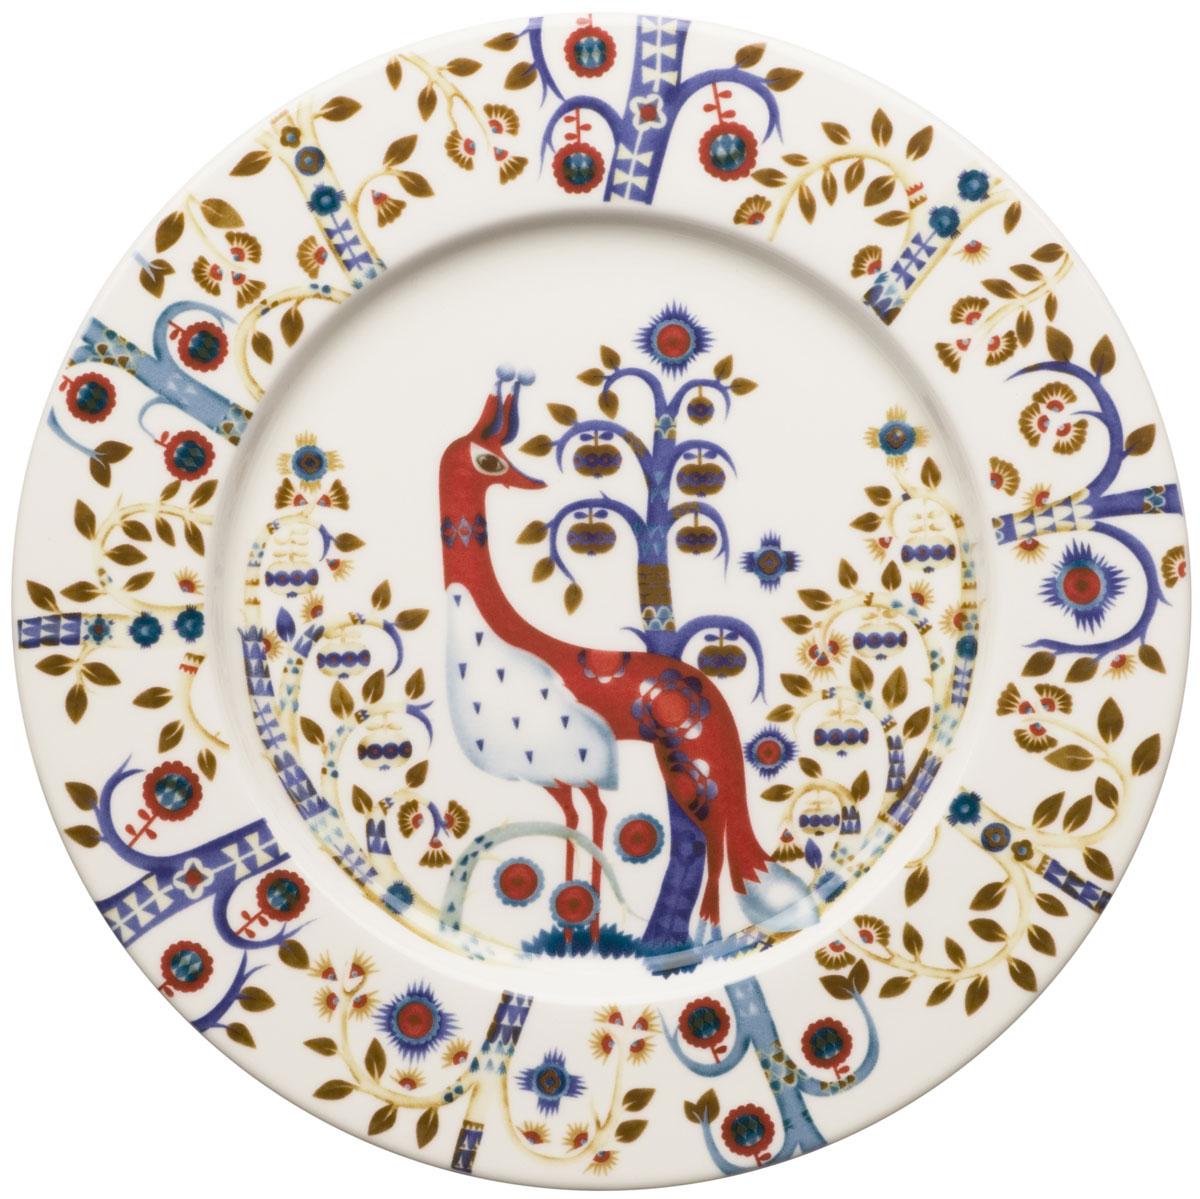 Тарелка Iittala Taika, цвет: белый, диаметр 22 см iittala тарелка taika